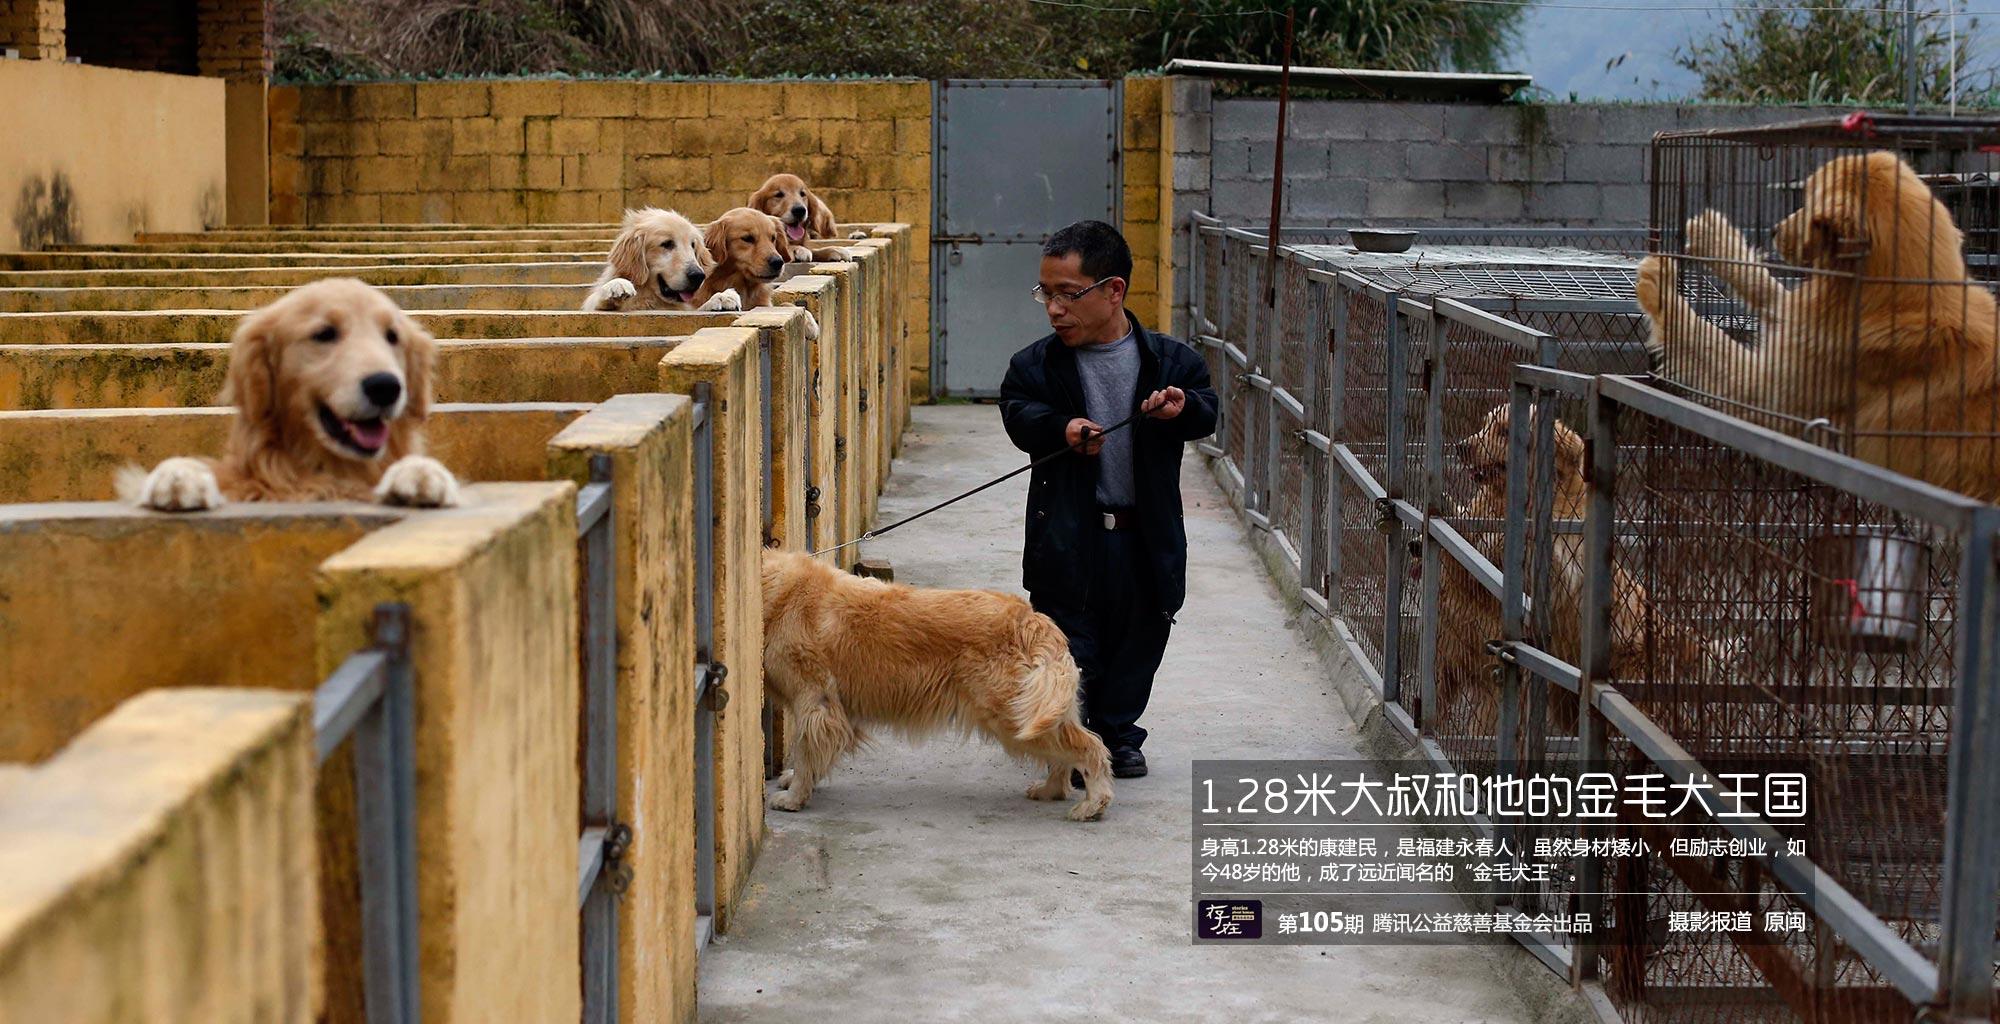 【存在】第105期—1.28米创业大叔和他的金毛犬王国_腾讯公益_腾讯网